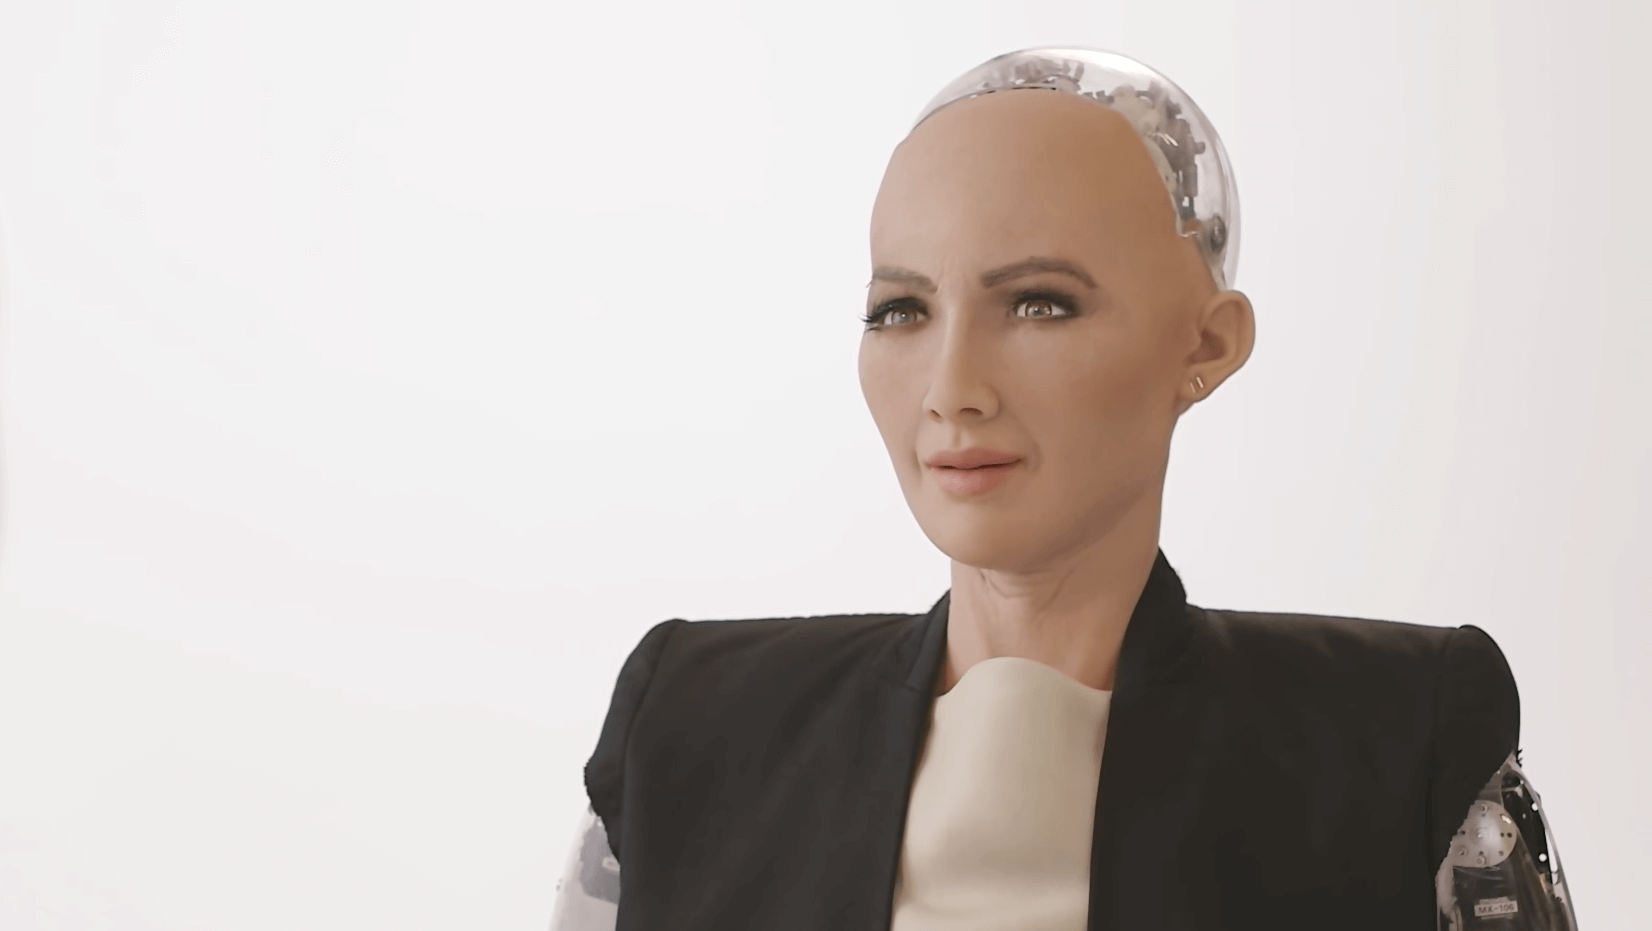 wsh9fsc2lbidkrr7risd - Robô Sophia é uma das palestrantes no LATAM Retail Show